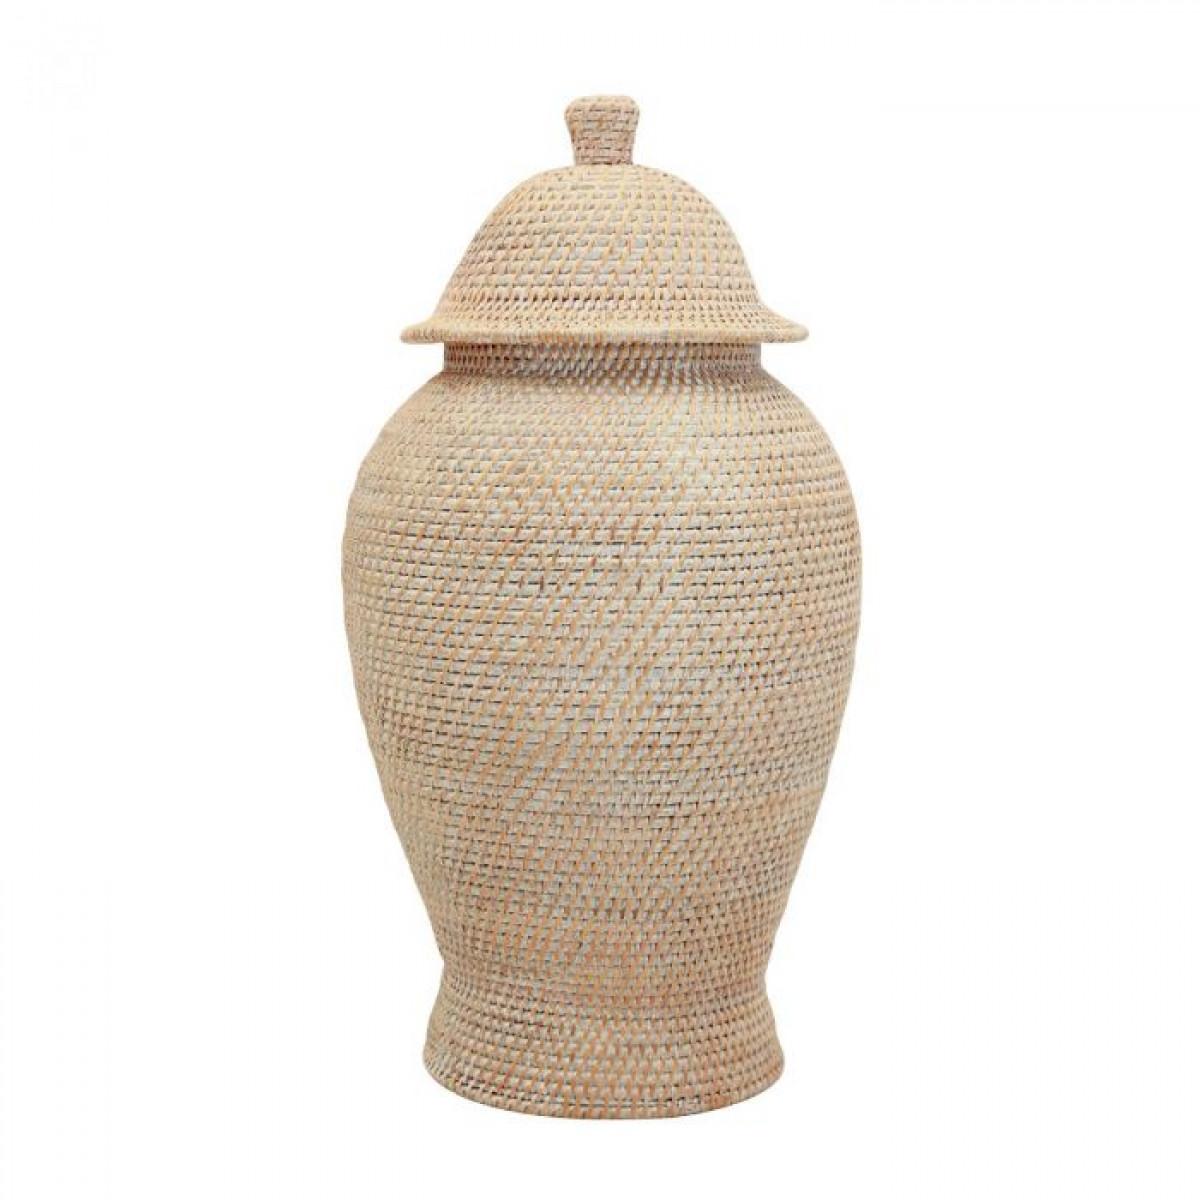 Vases & Jars 17916